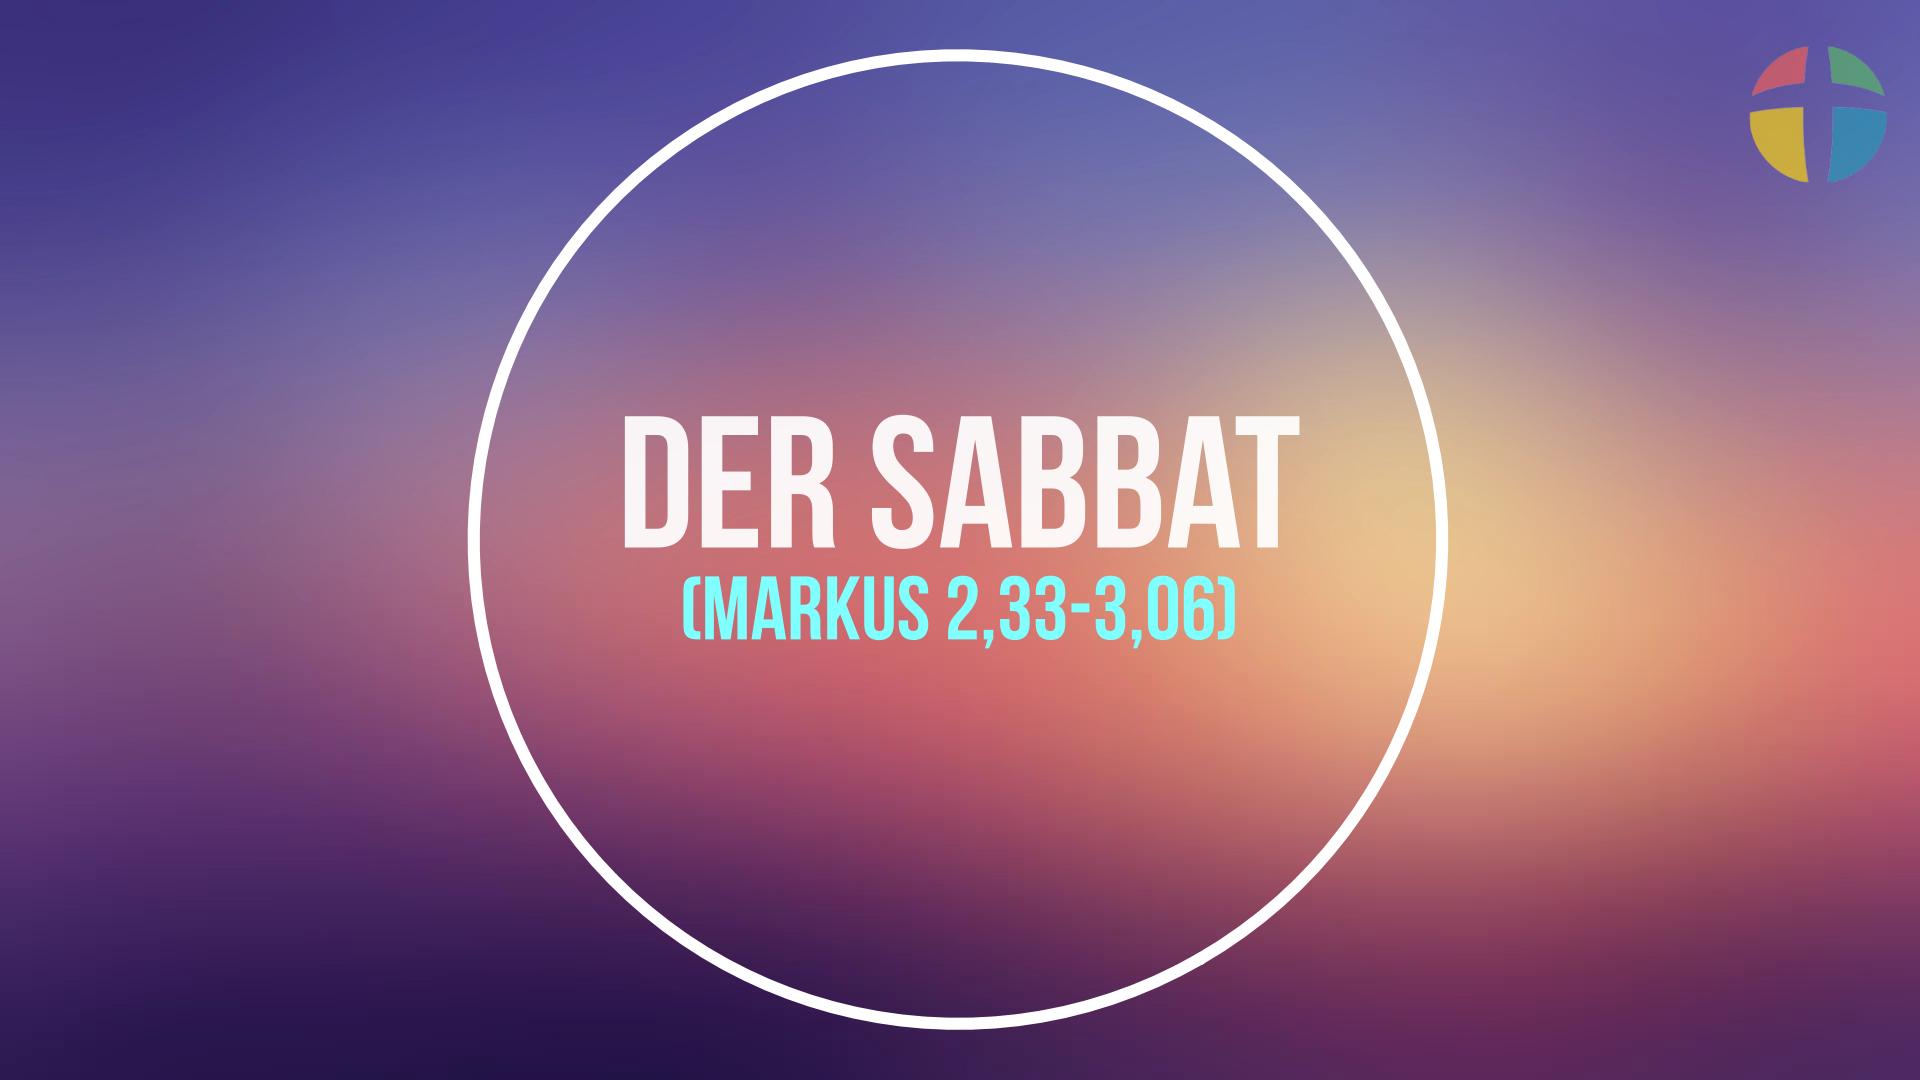 Der Sabbat